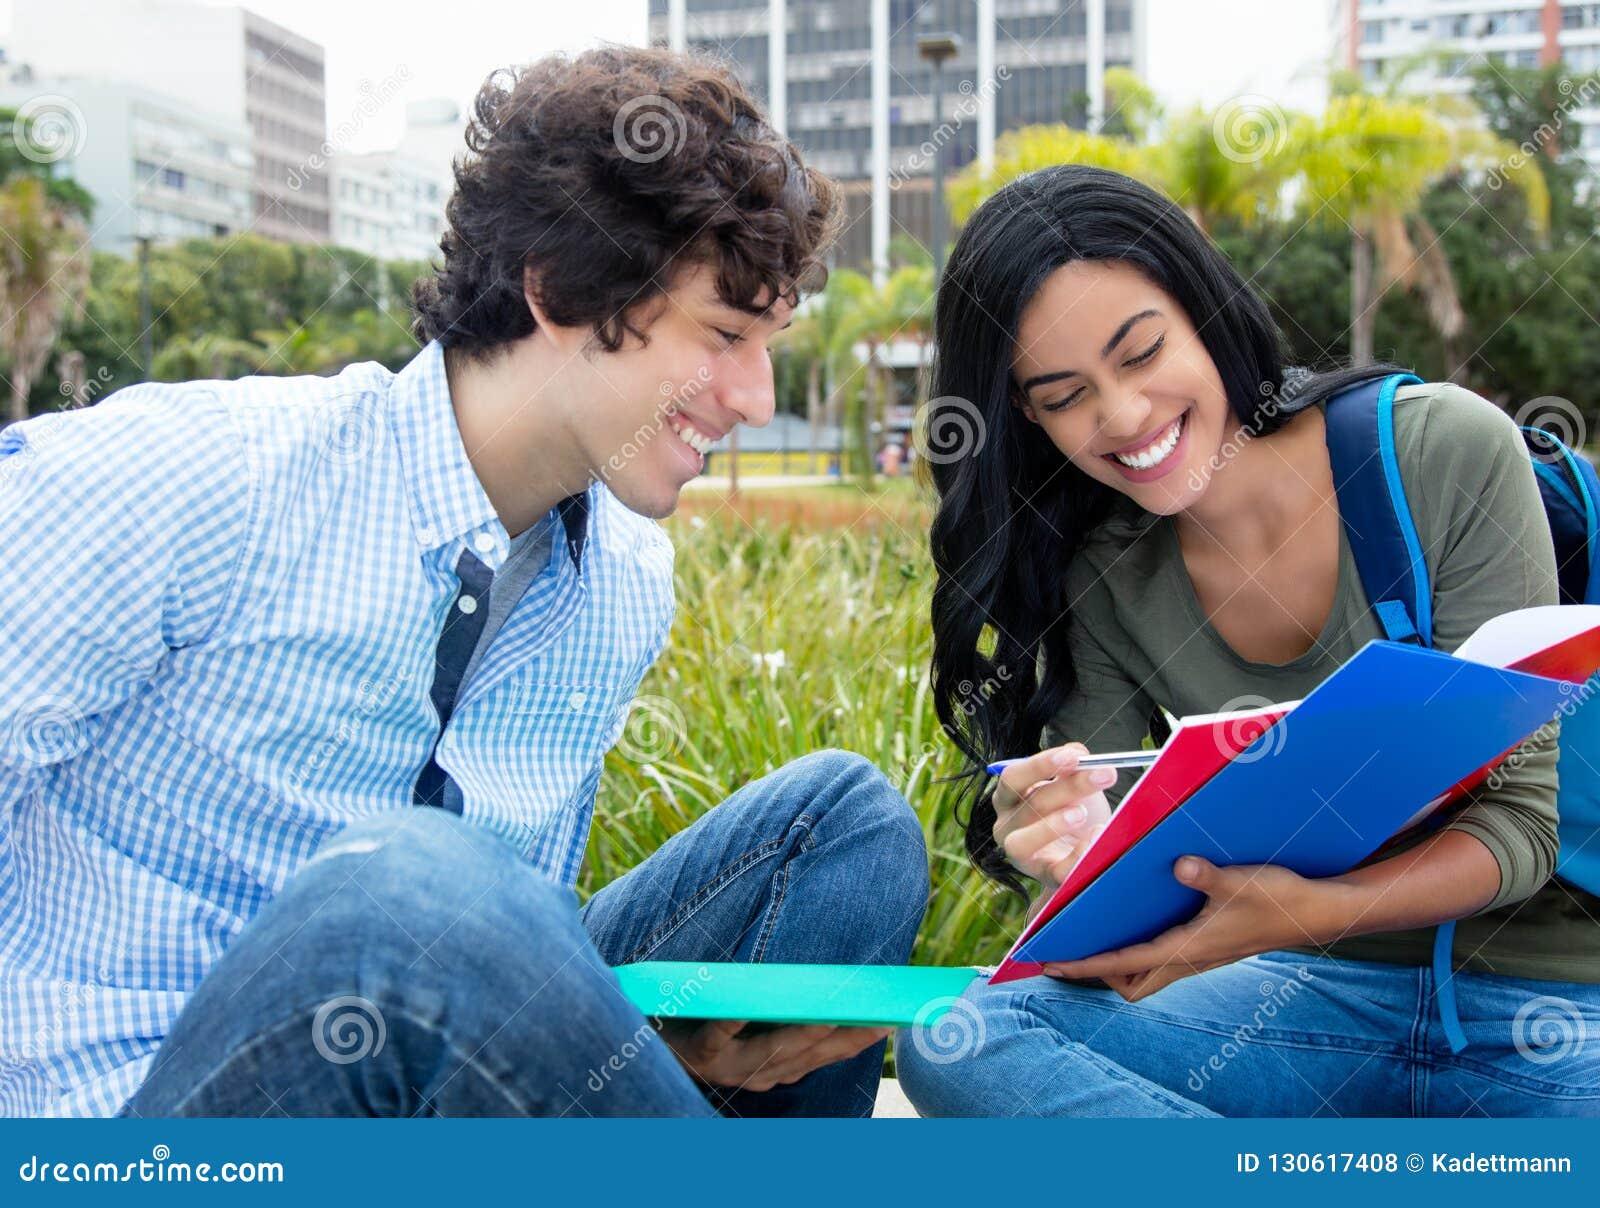 Indisk kvinnlig student som lär med den caucasian manliga studenten